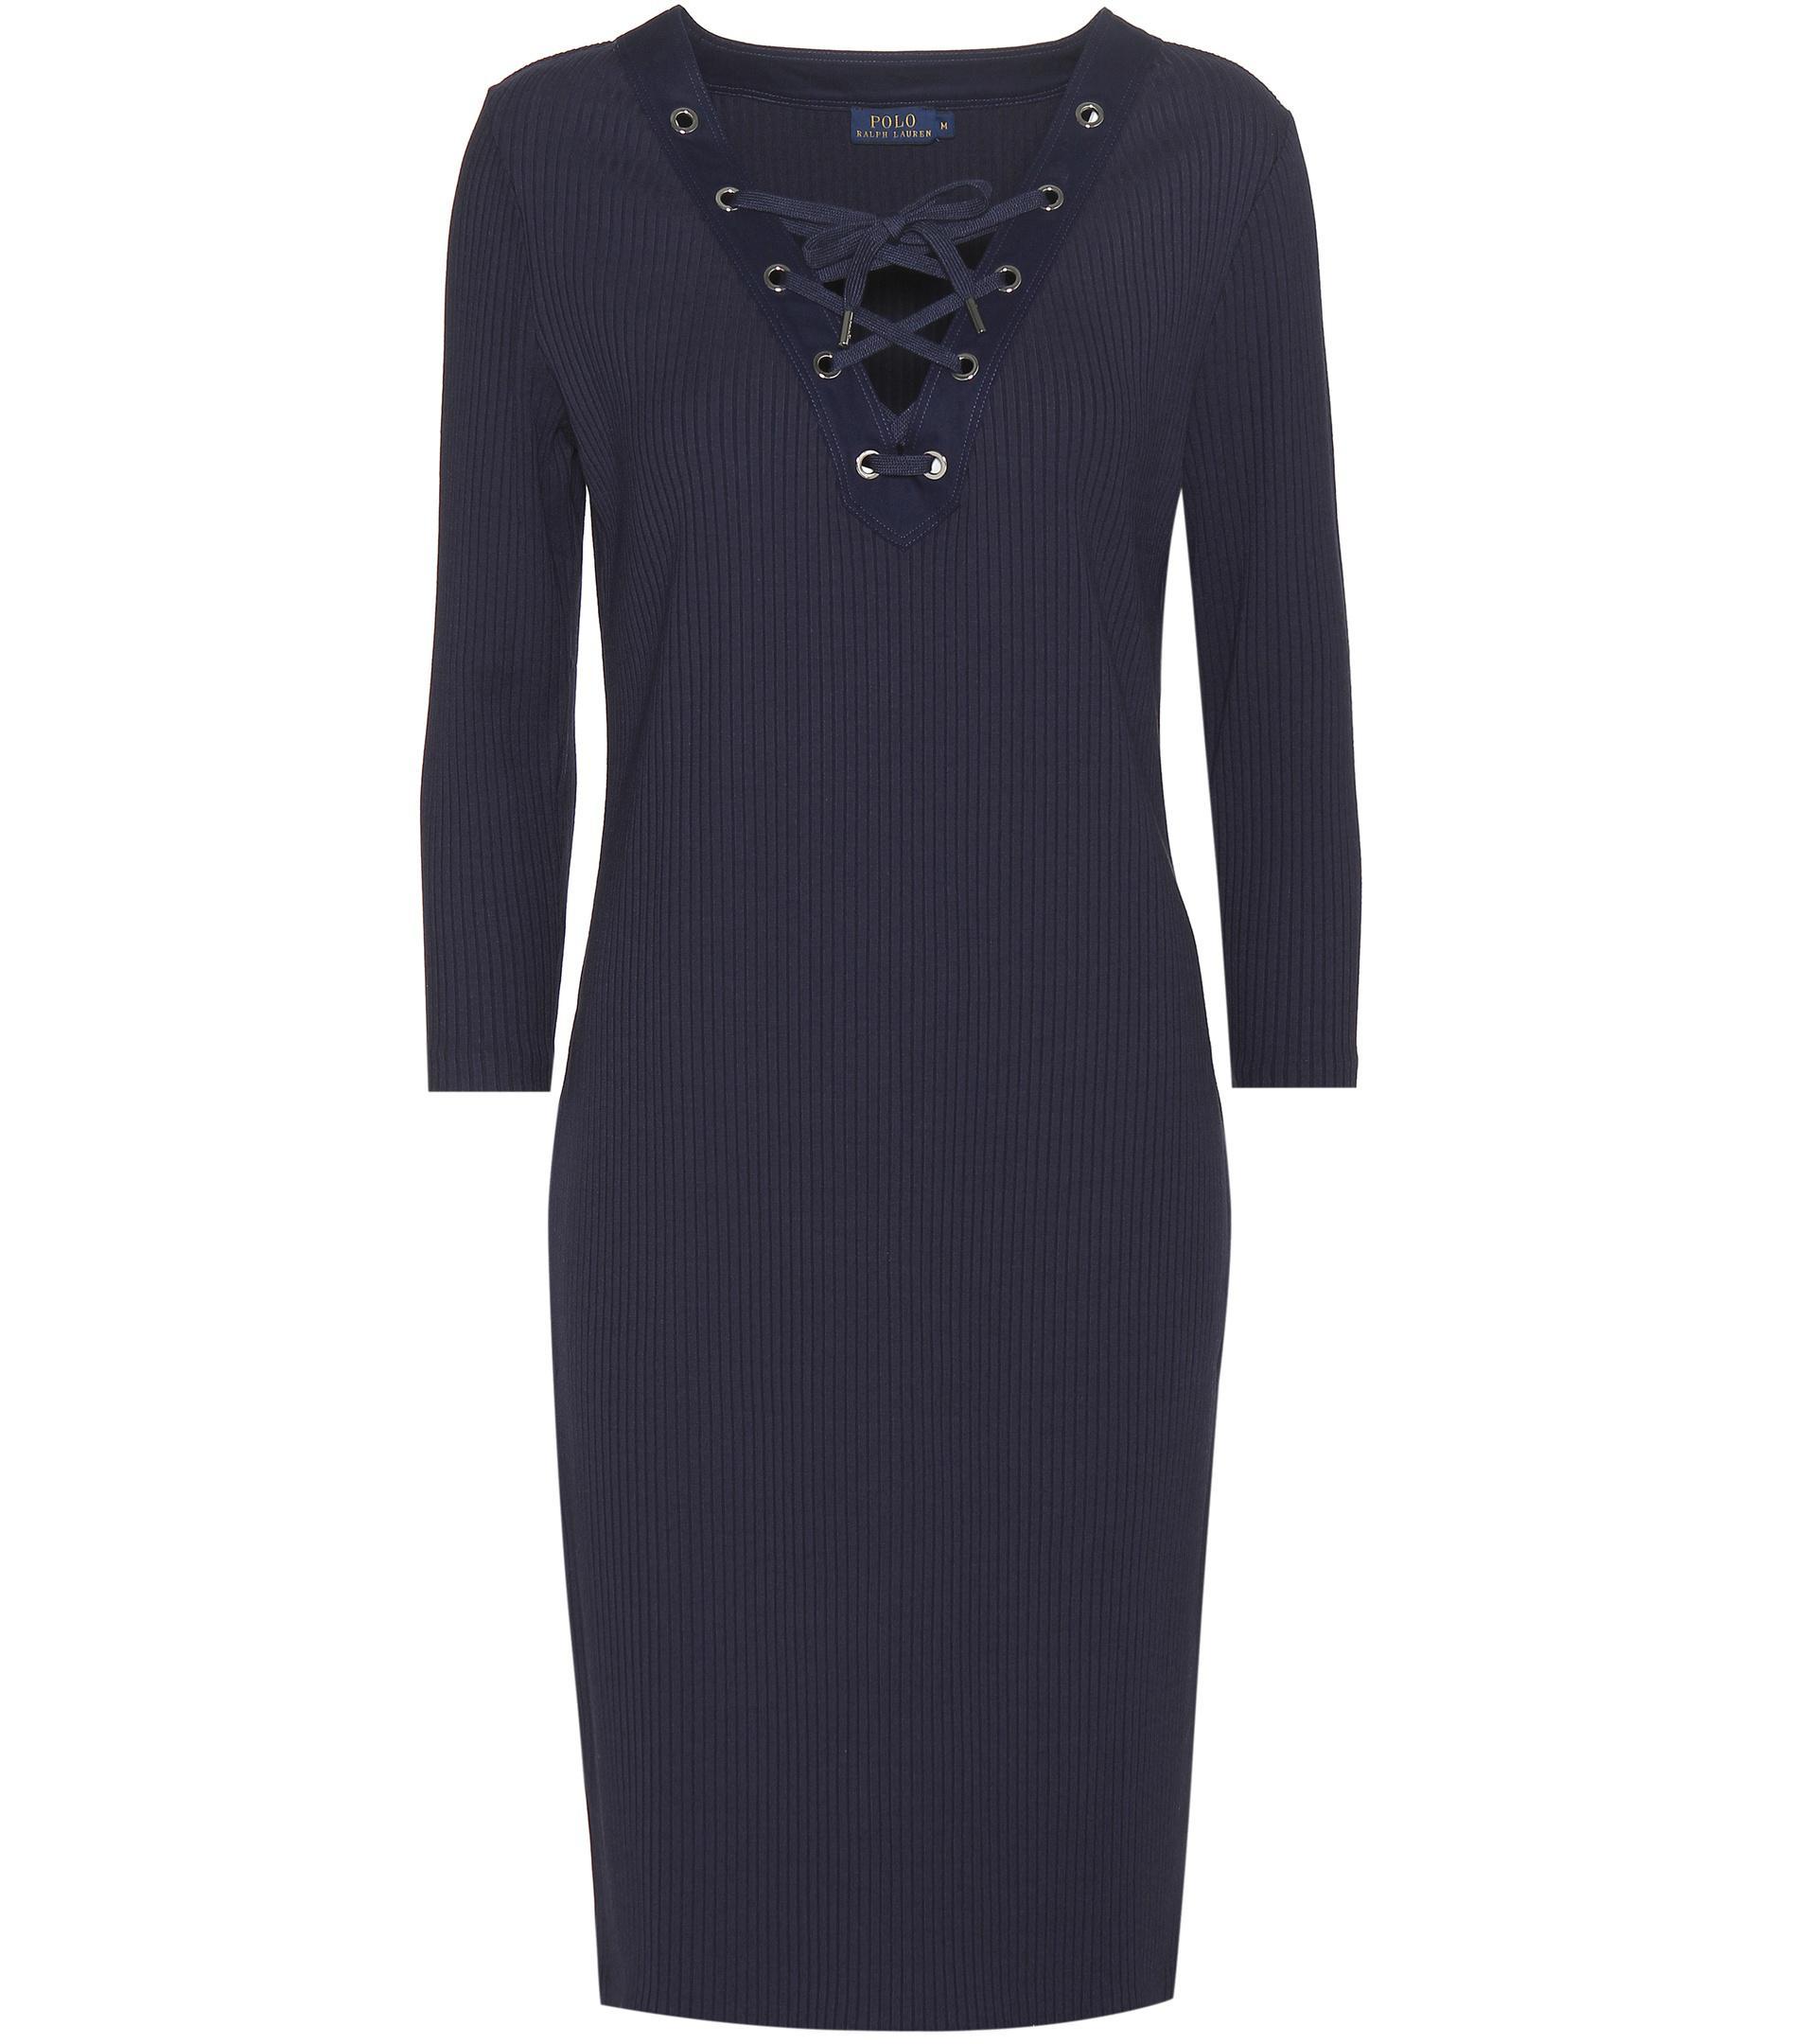 9be0a560c70 Lyst - Robe pull en maille côtelée Polo Ralph Lauren en coloris Bleu